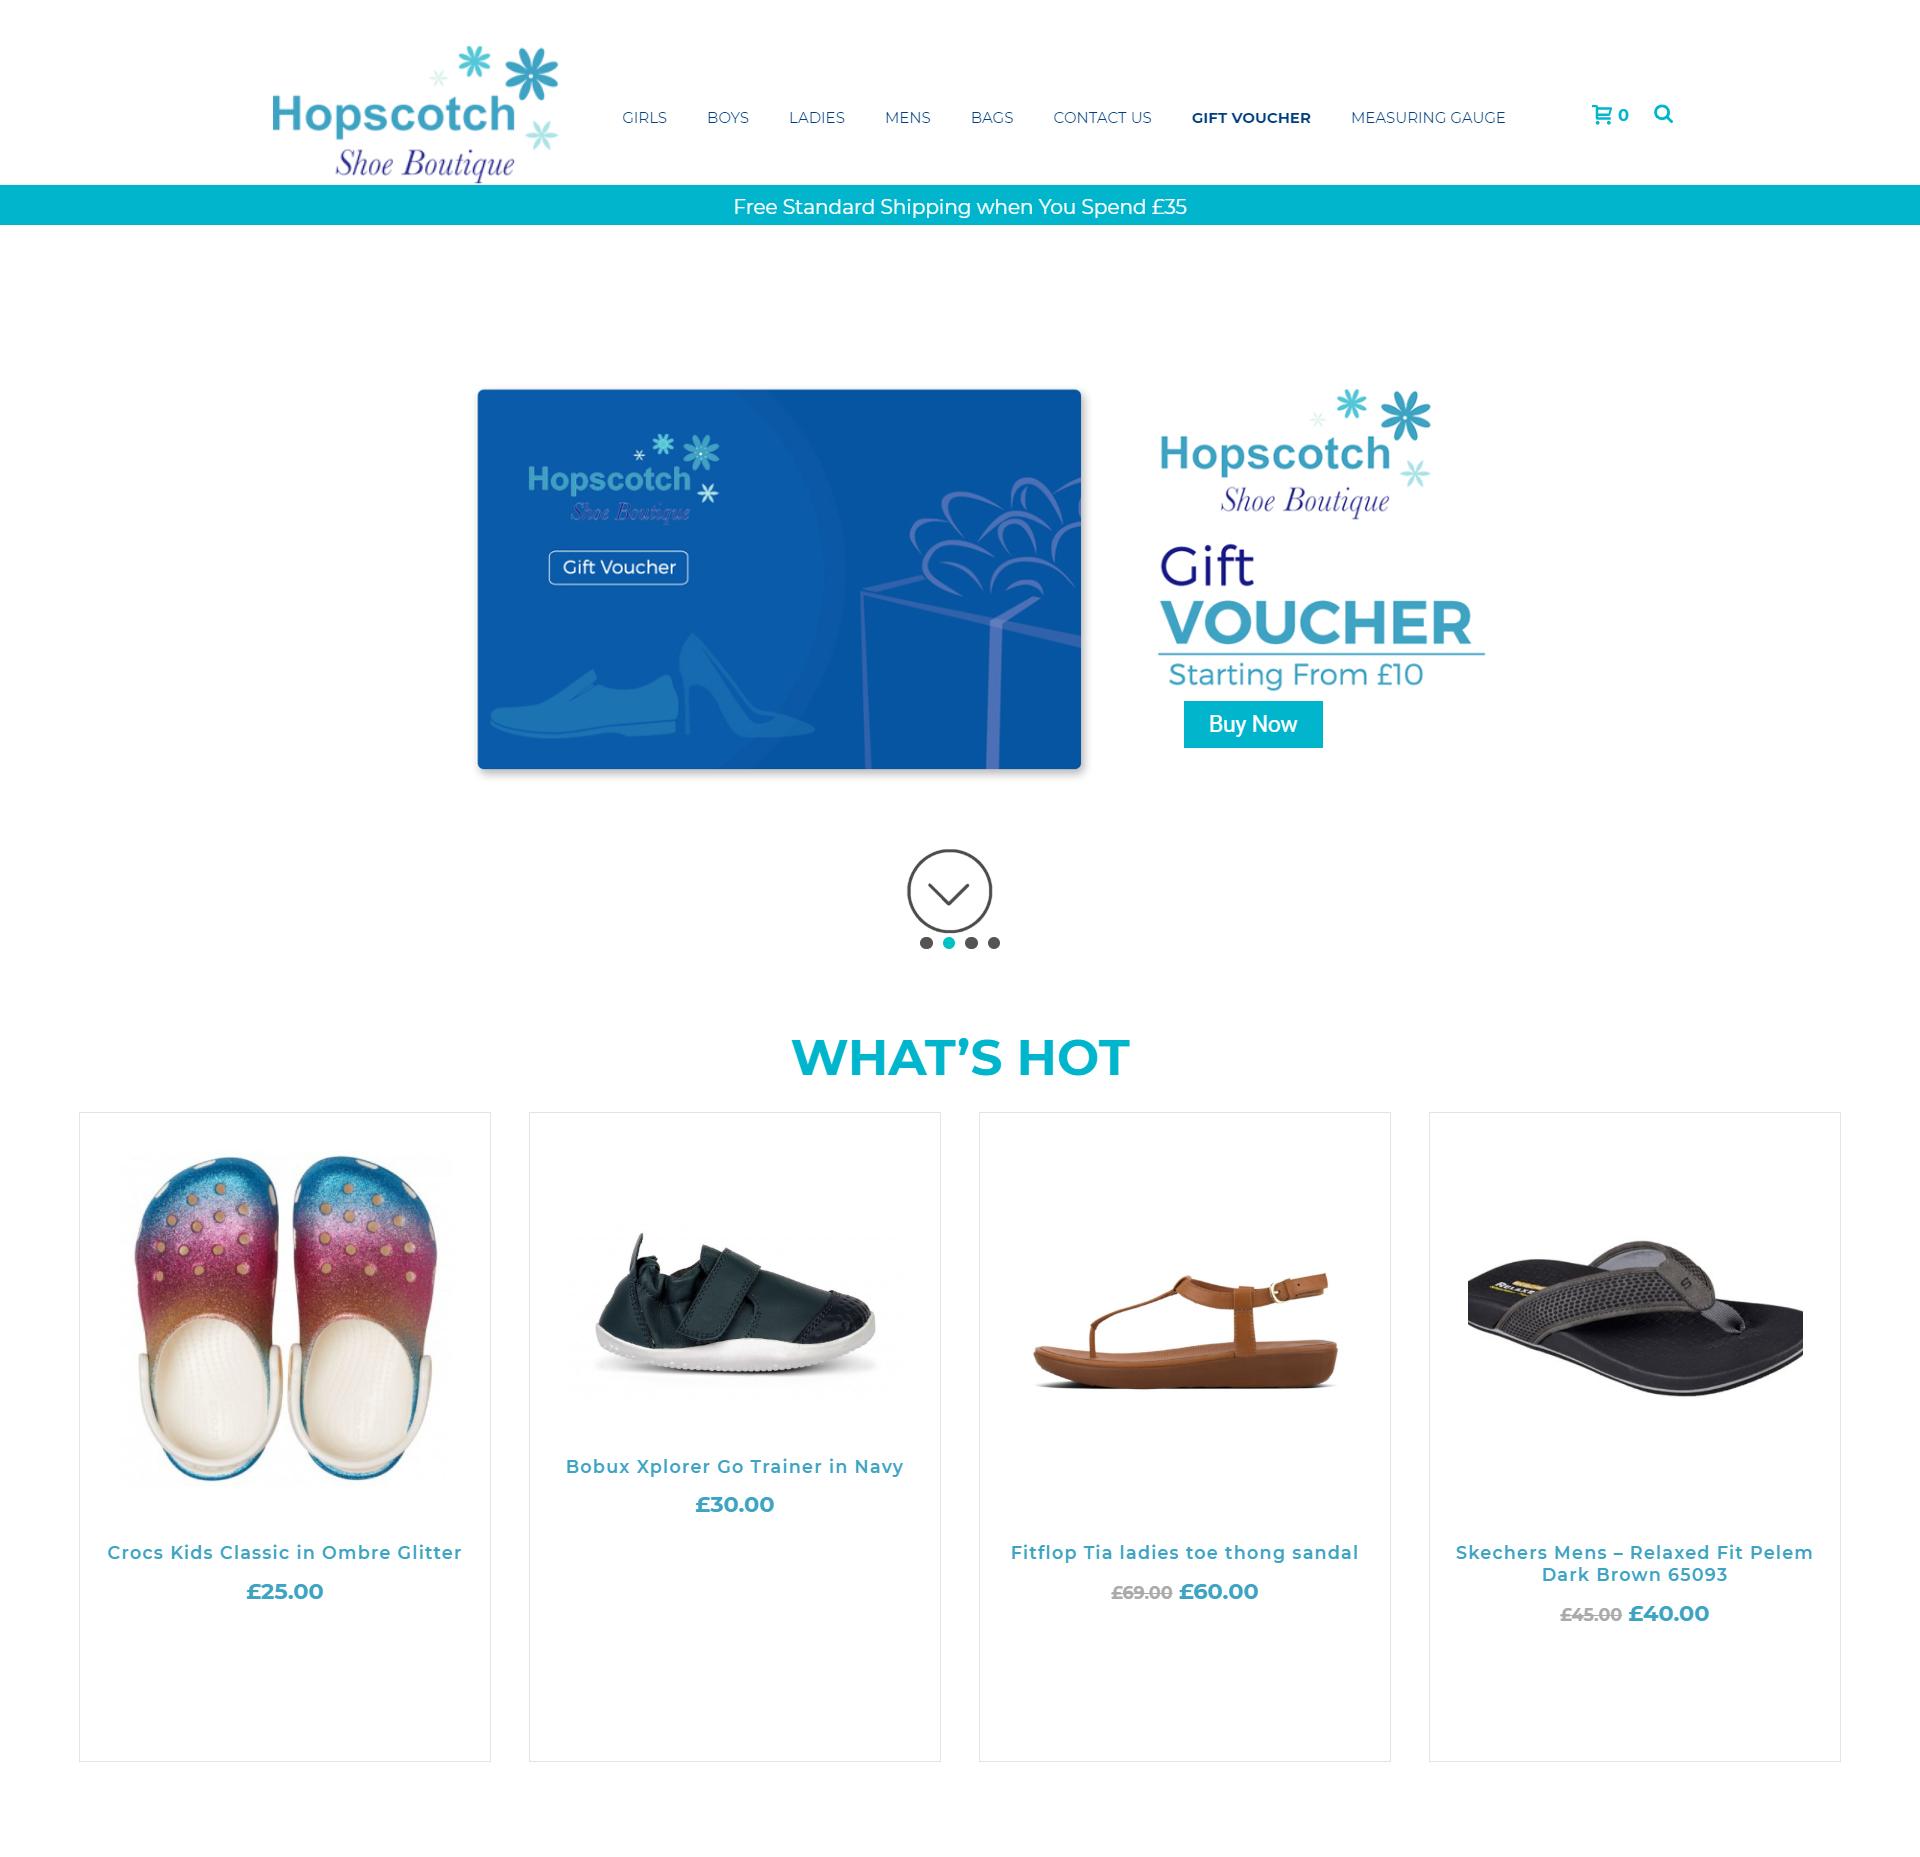 Hopscotch Shoe Boutique